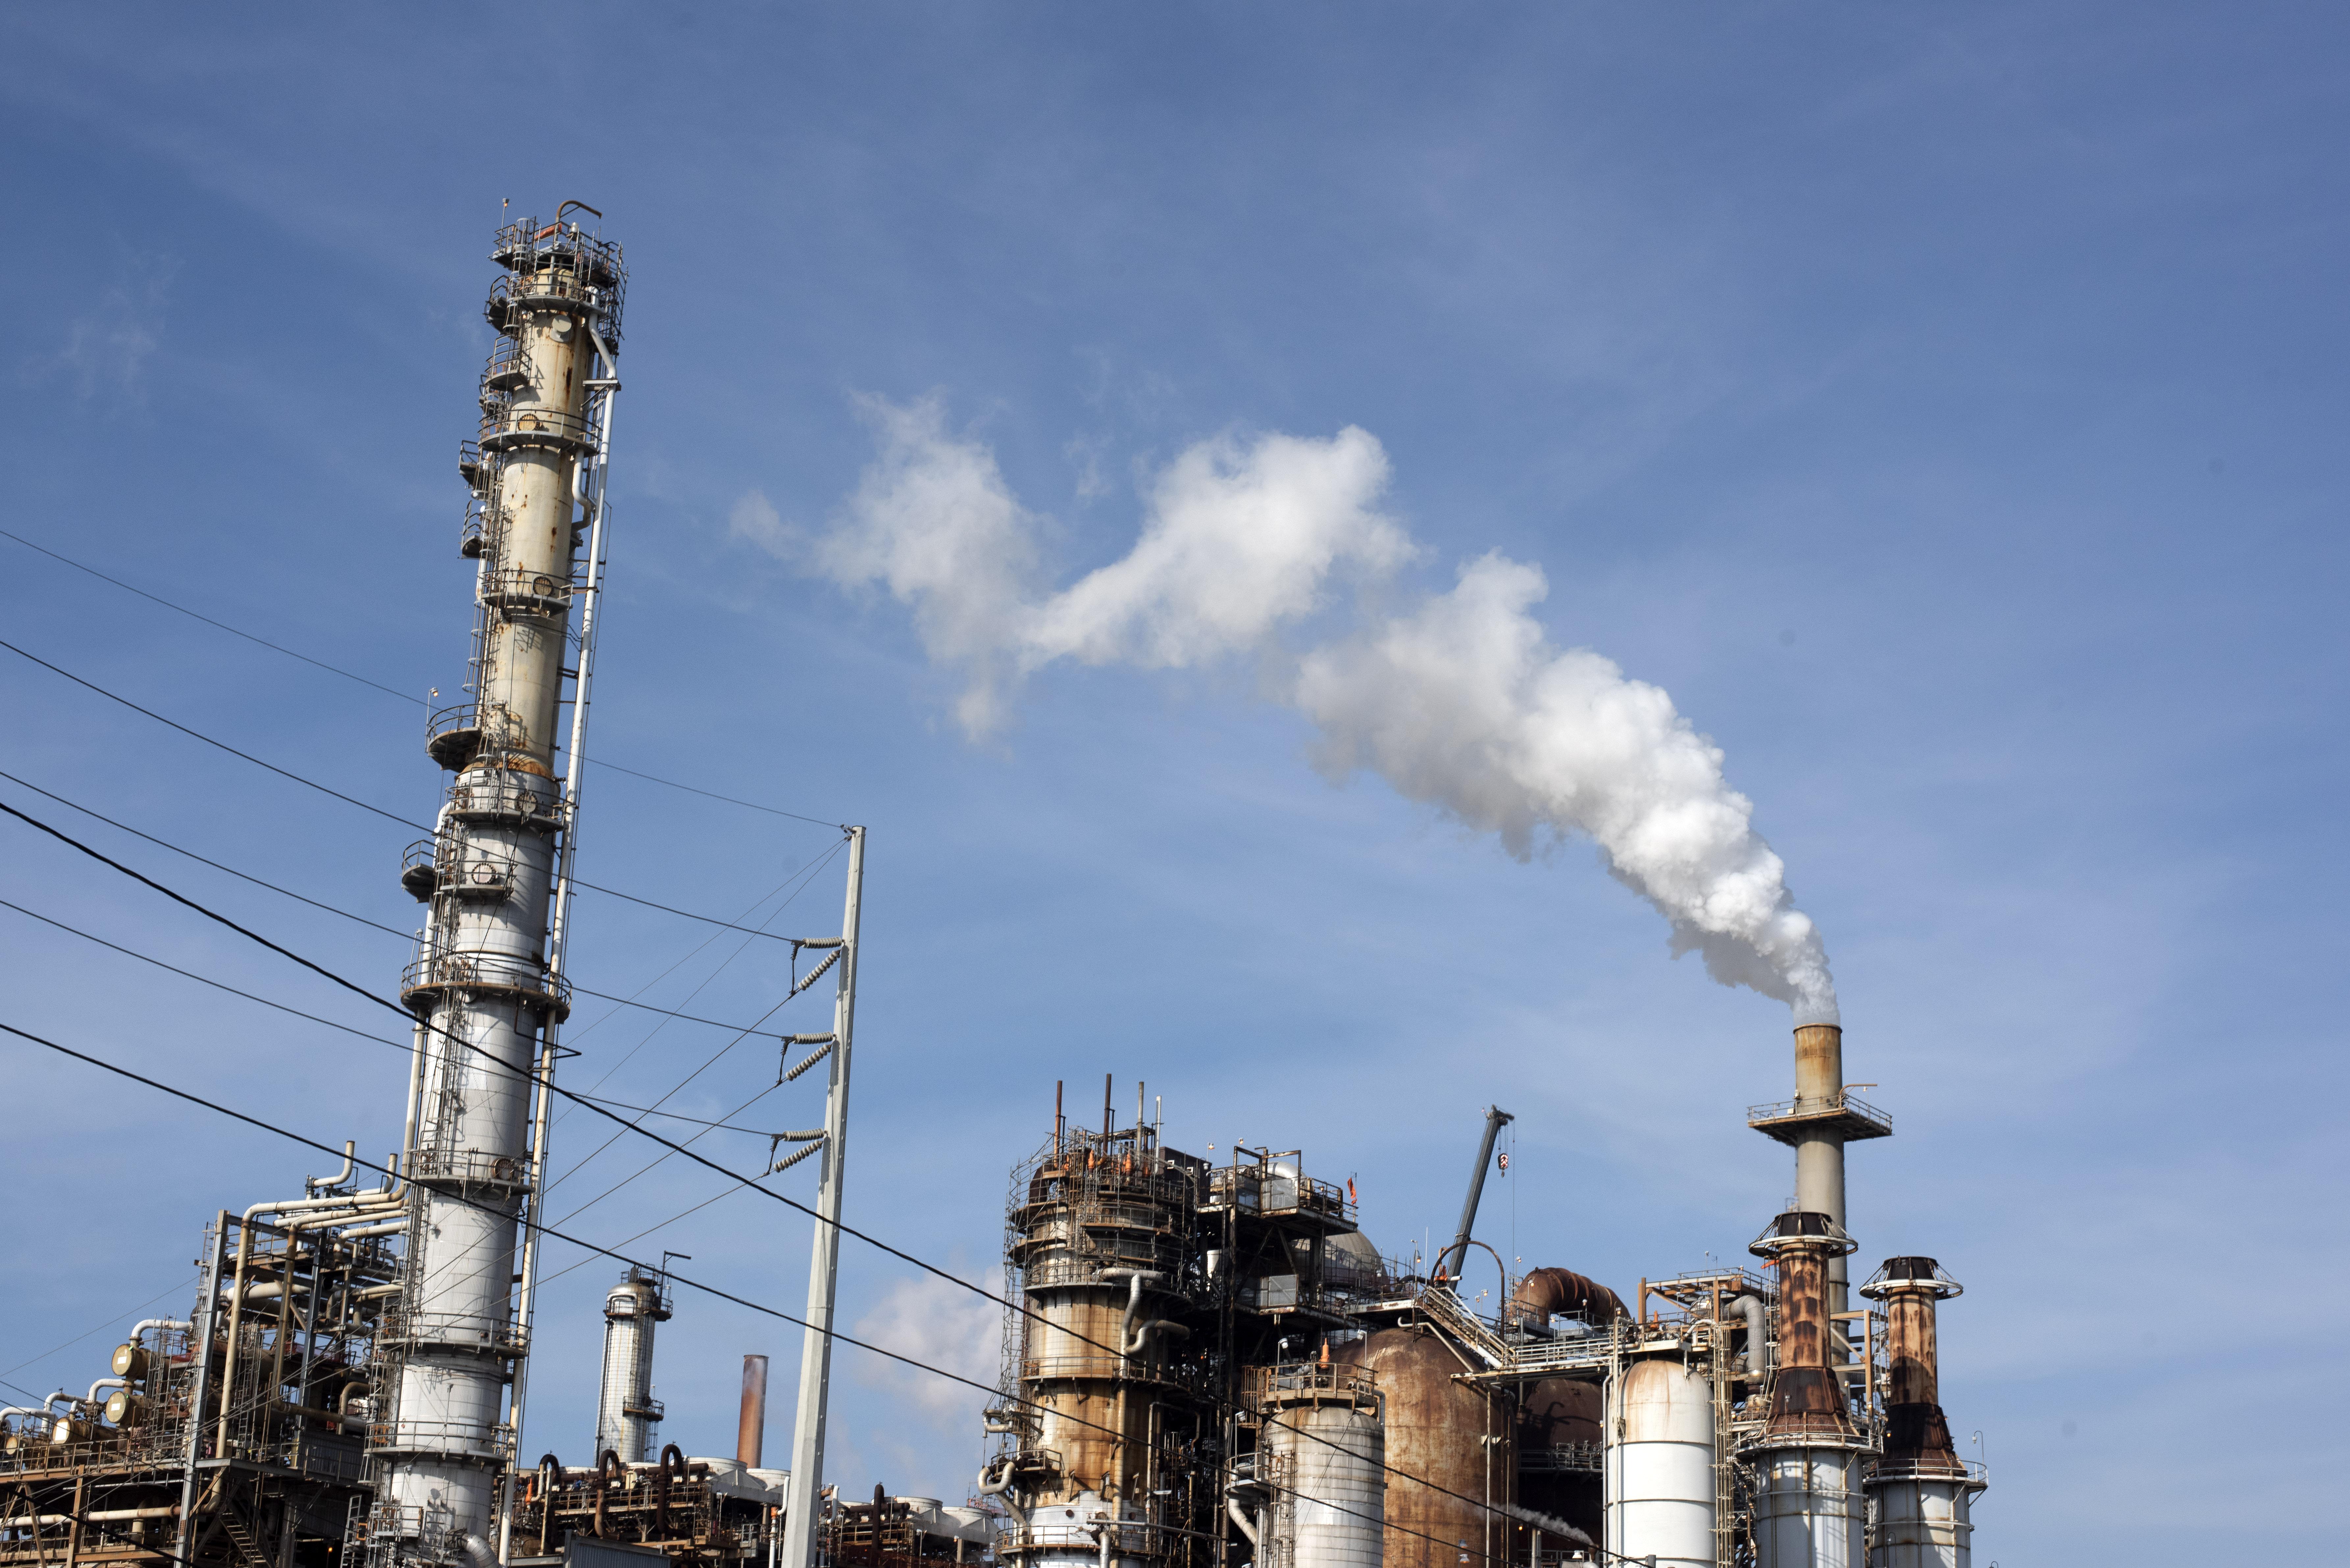 Kilenc százalékkal esik idén a világgazdaság olajfelhasználása